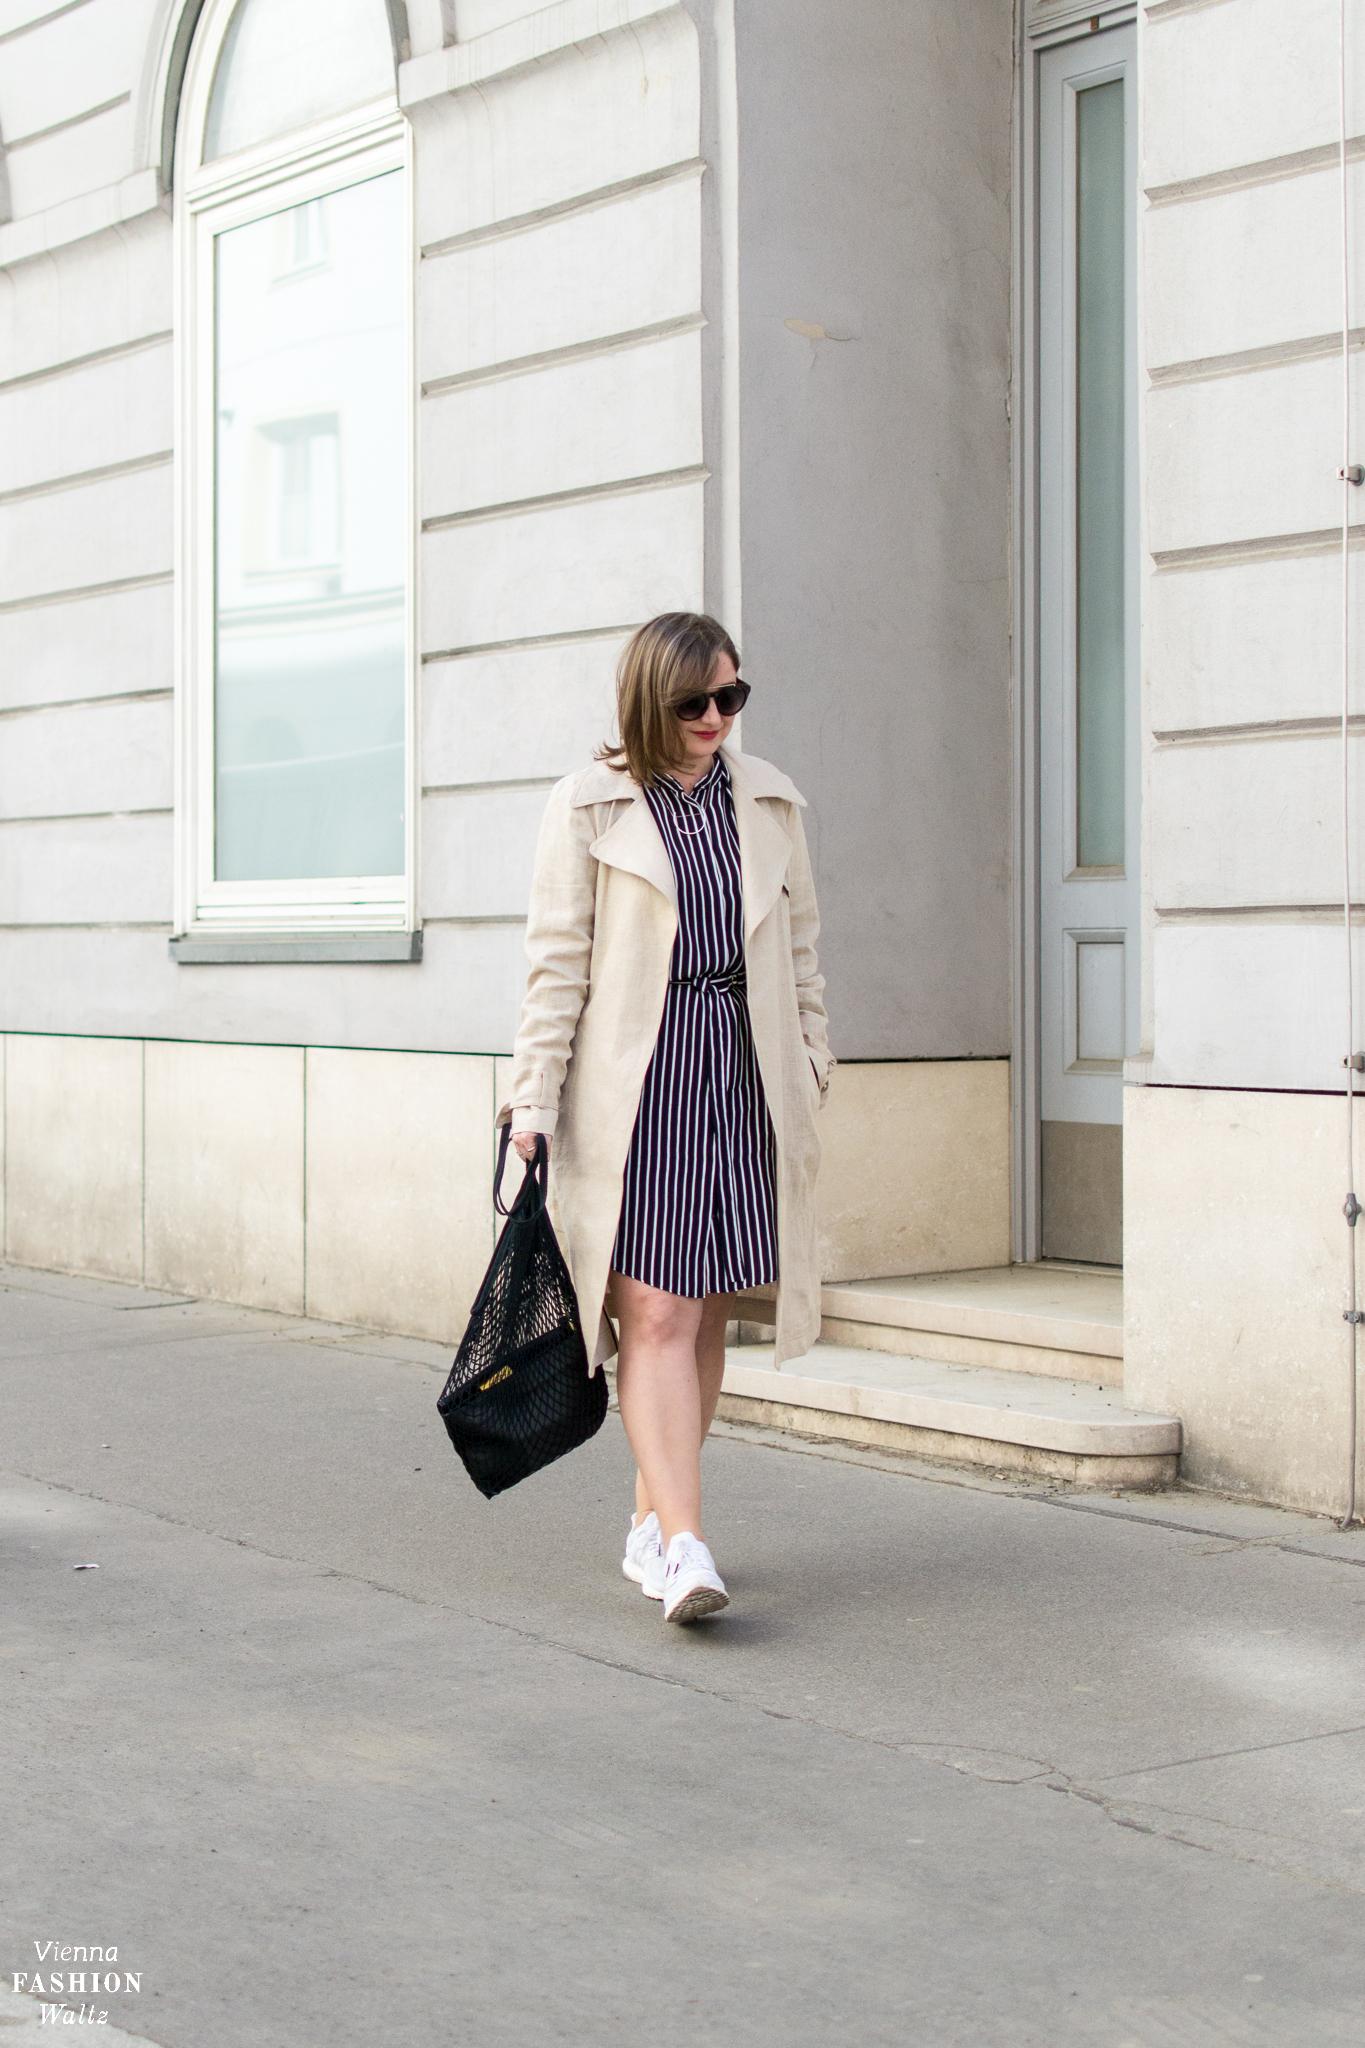 Die richtige Pflege von Leinen | Ein Trenchcoat aus Leinen zum Streifenkleid | Fashion Trends | Streetstyle Vienna | Outfit, Ordnung & Lifehacks, Kleiderpflege, Tipps & Tricks